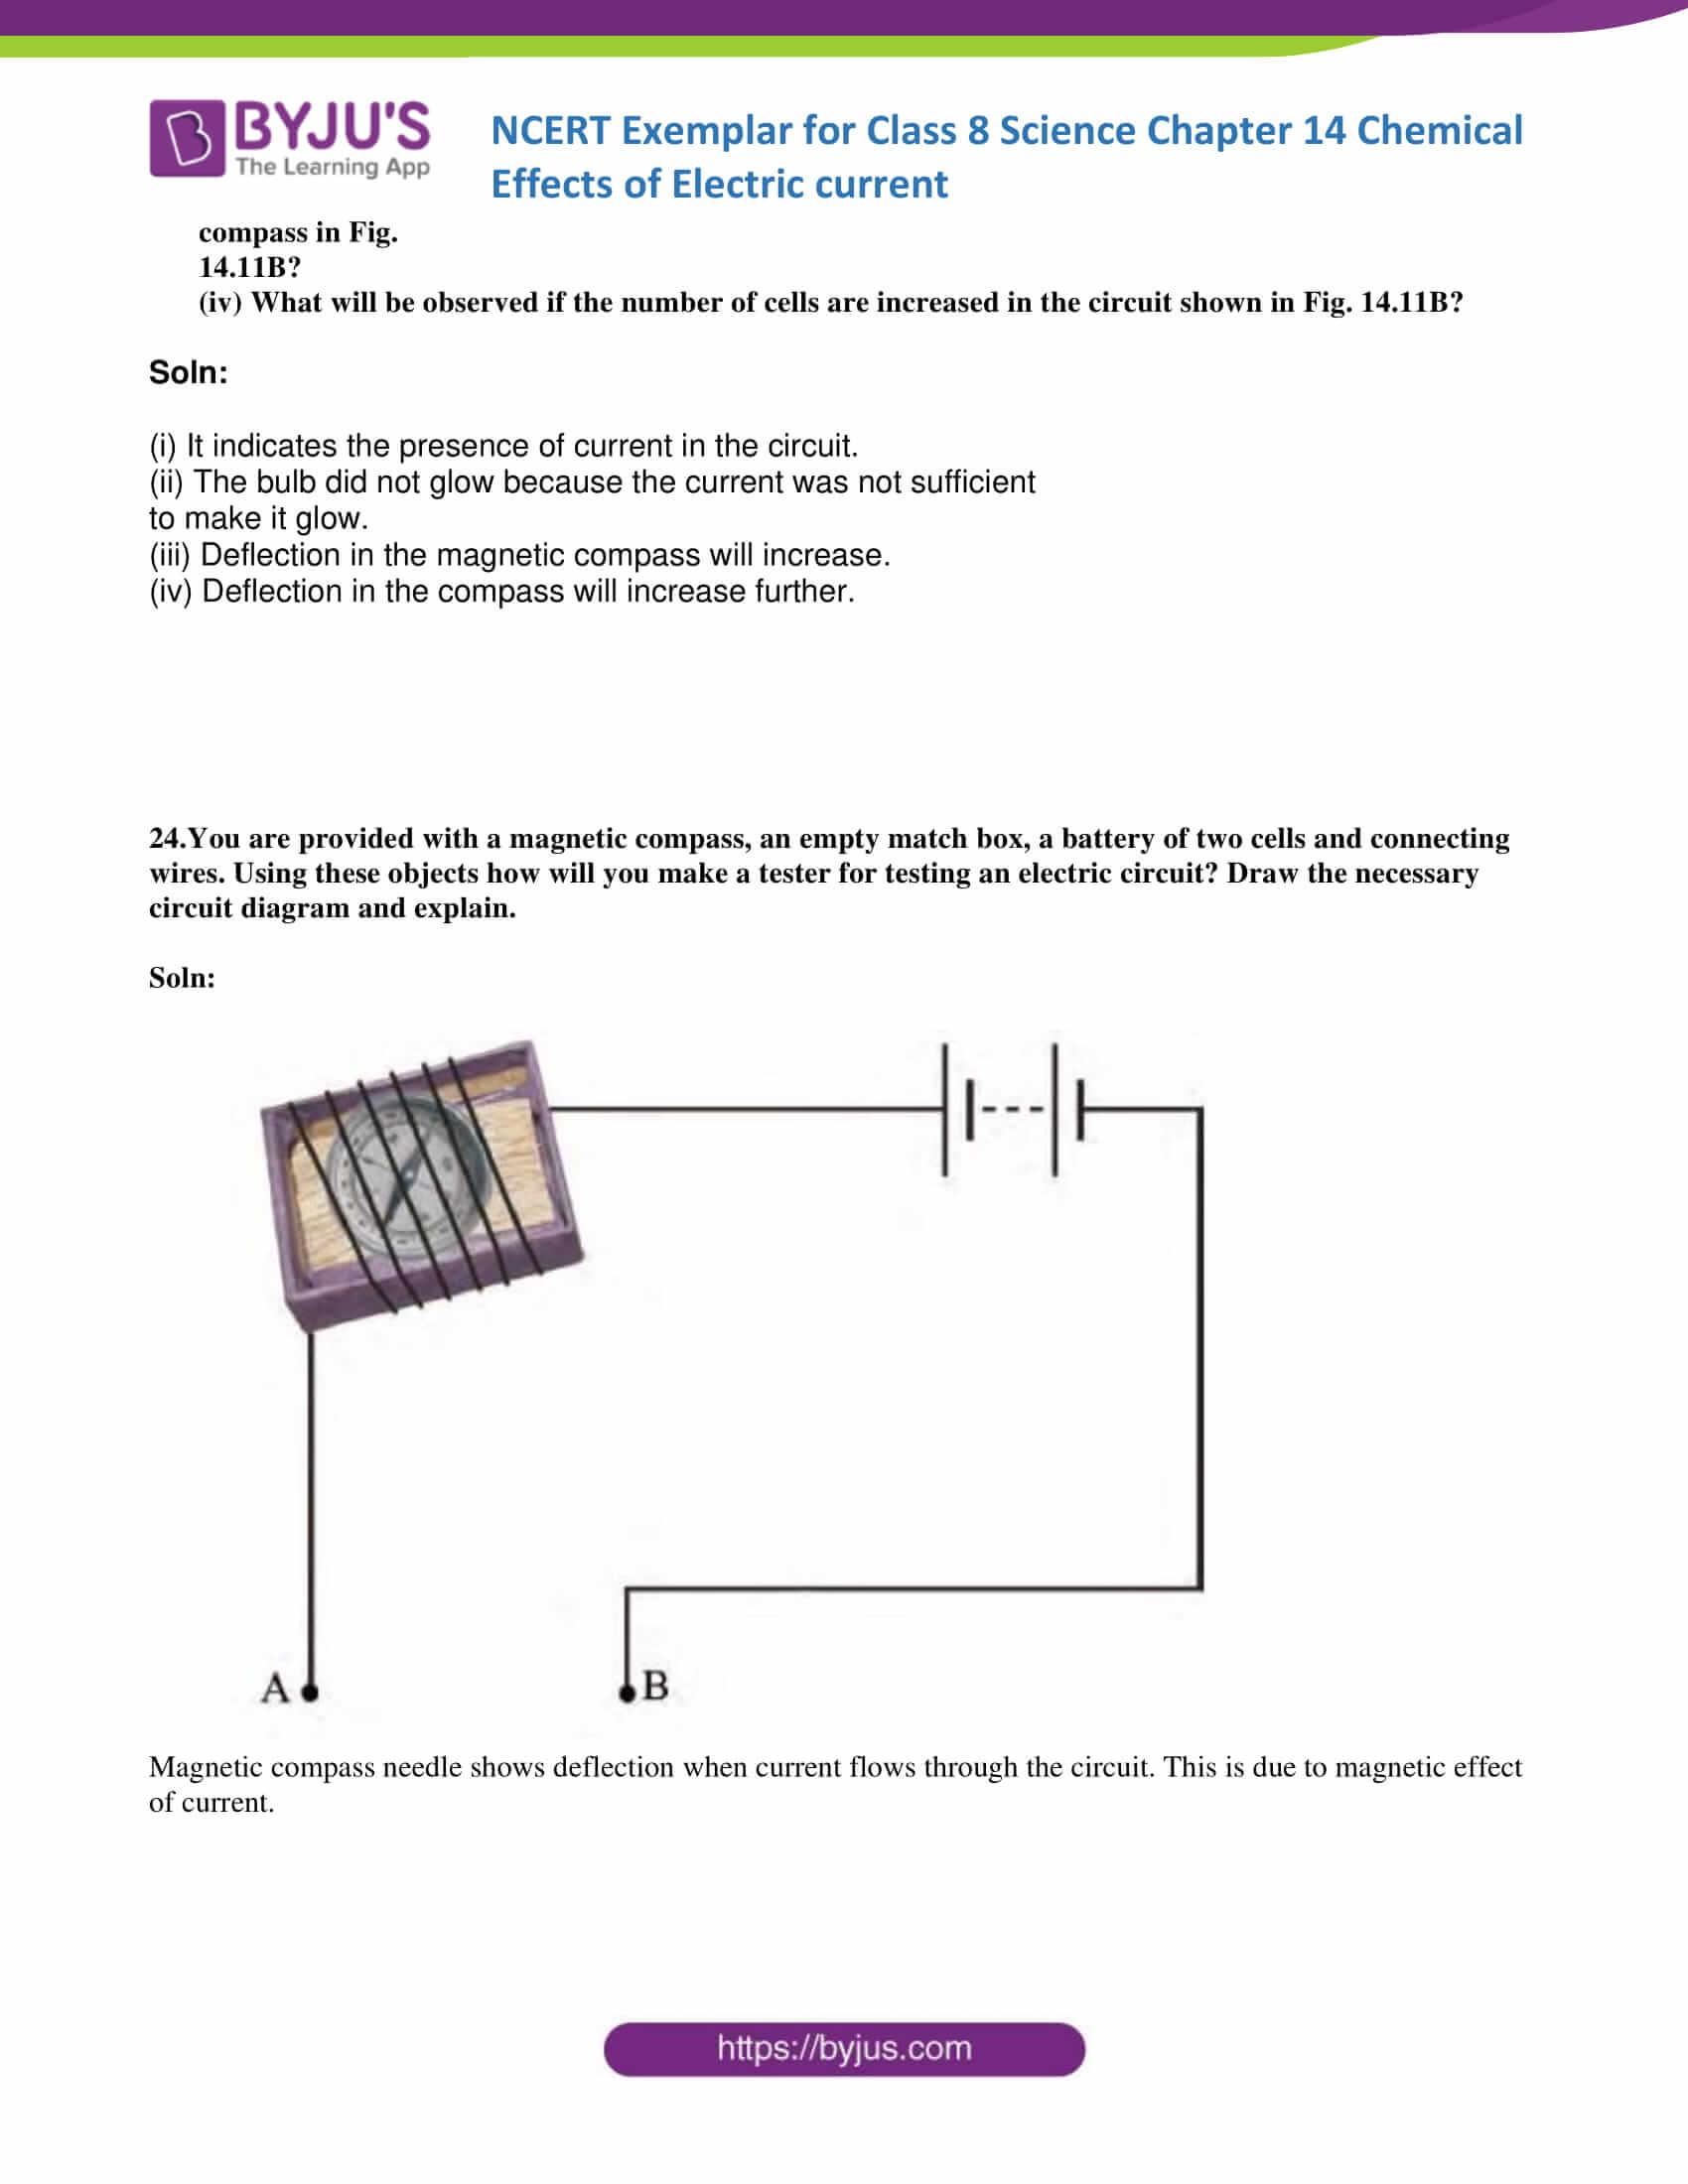 NCERT Exemplar solution class 8 science chapter 14 part 14